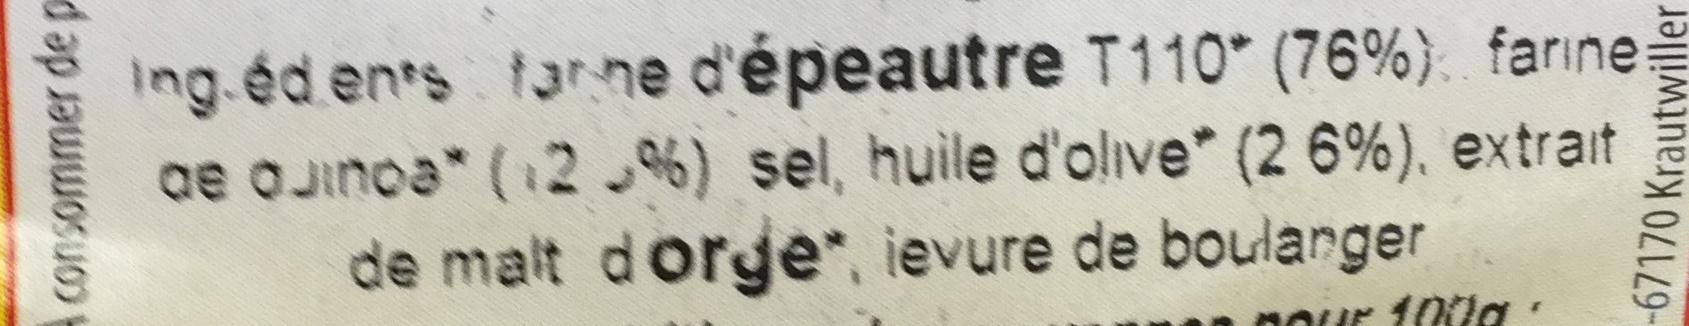 Bretzel epeautre quinoa - Ingredienti - fr